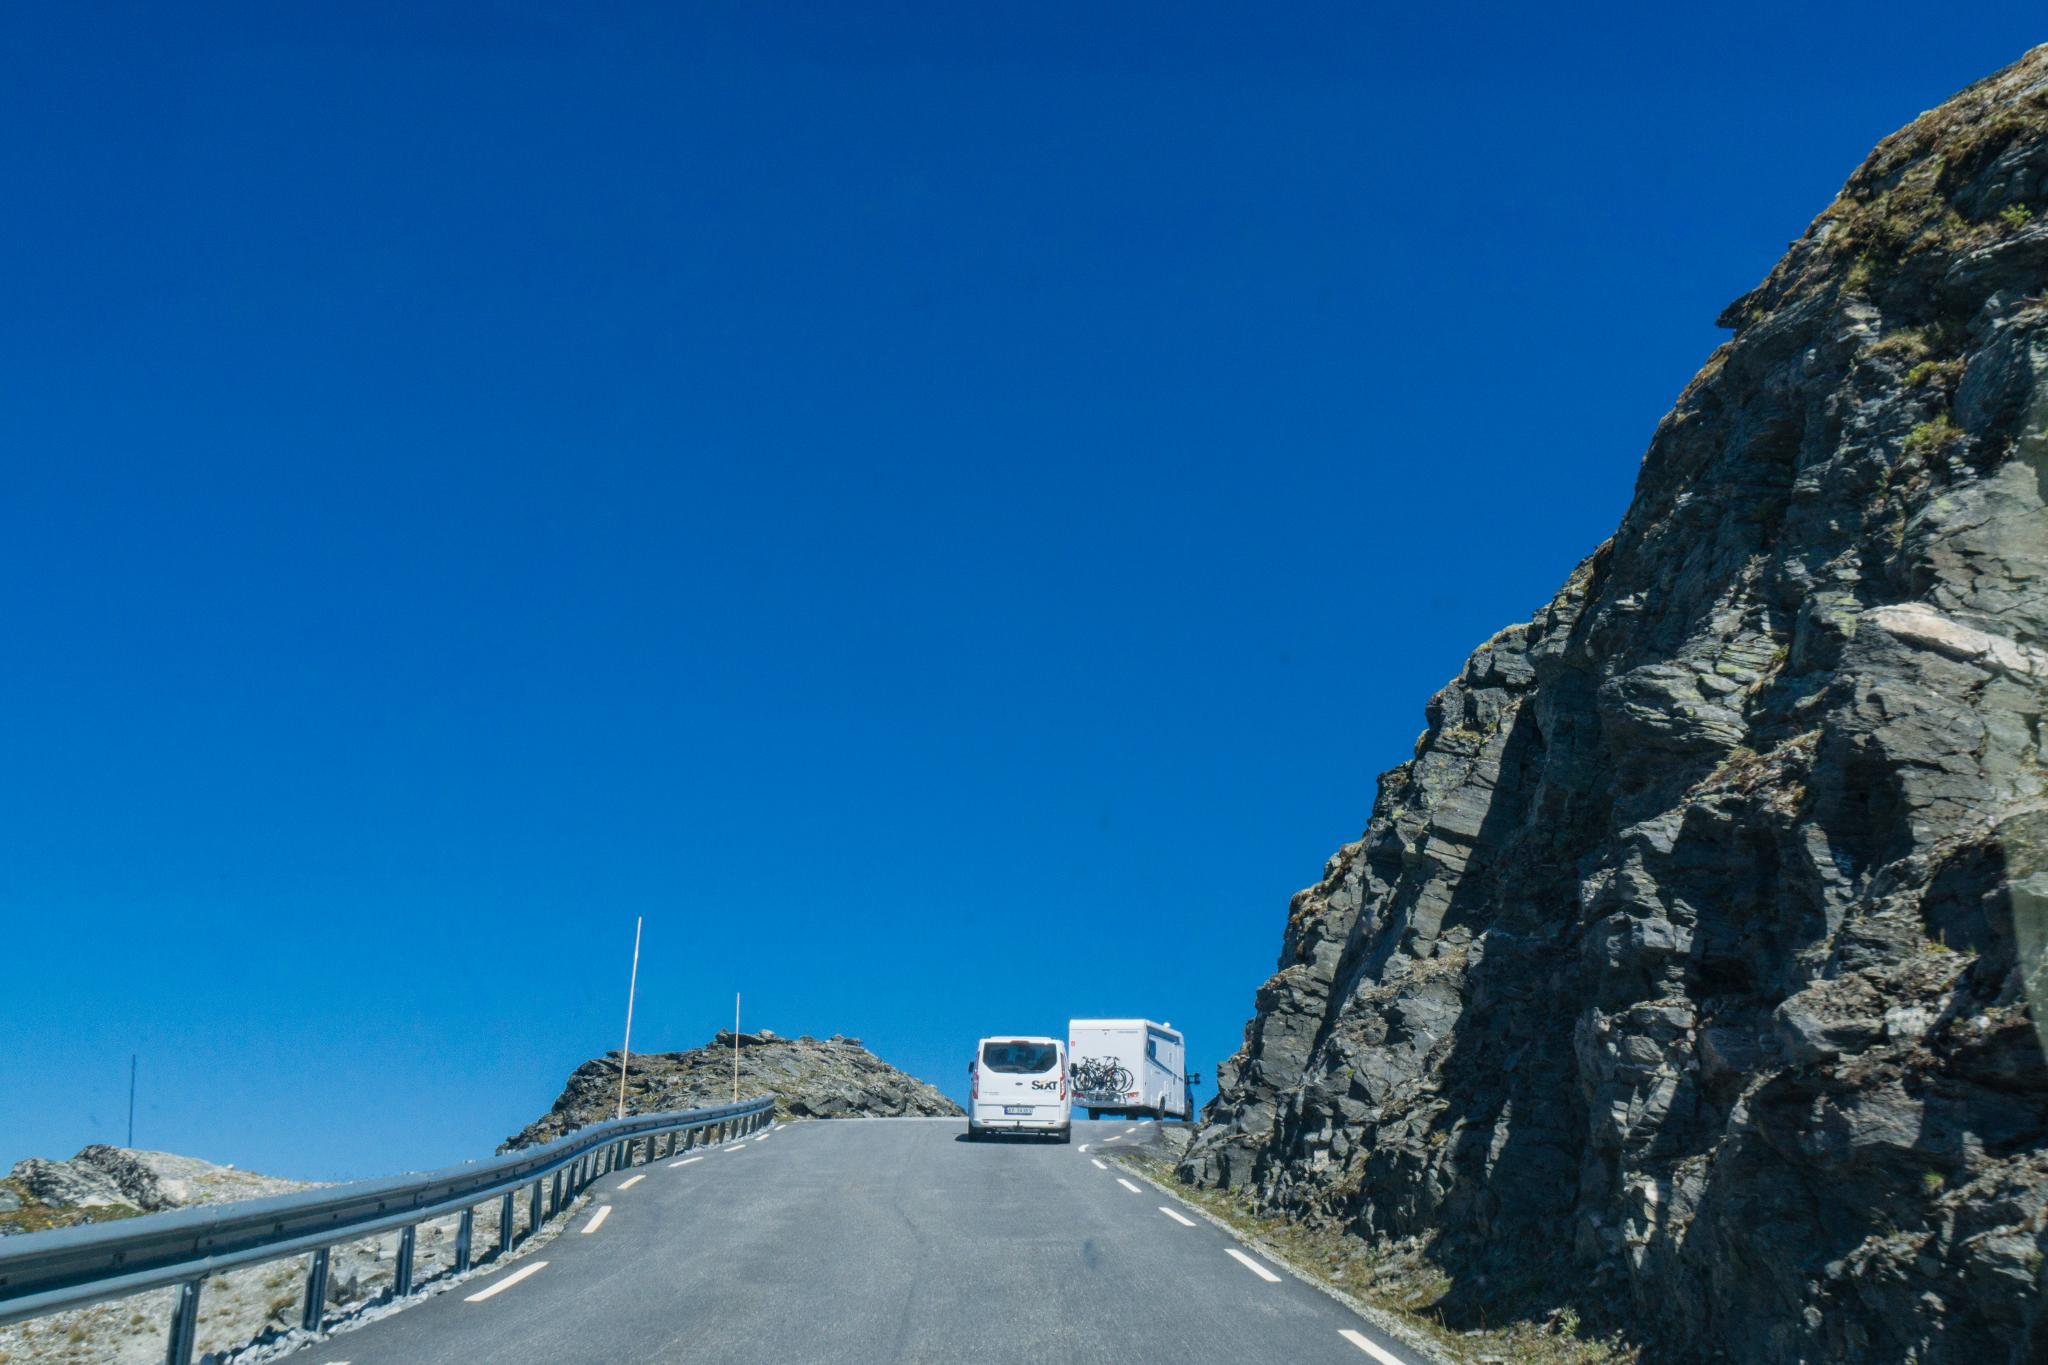 【北歐景點】歐洲最震撼的峽灣觀景台 — Dalsnibba Mountain Plateau 11